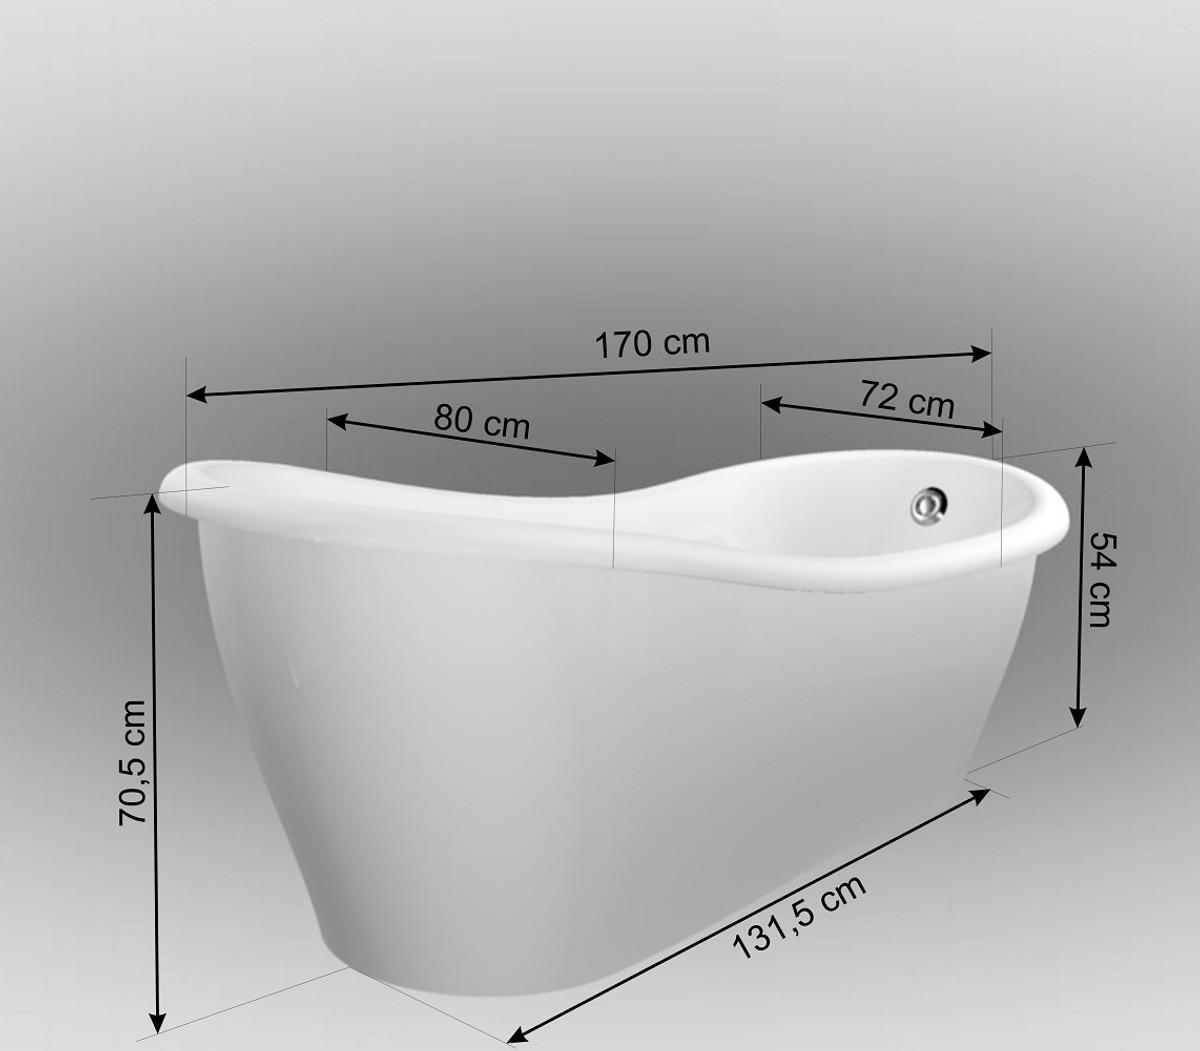 Casa Padrino Luxus Jugendstil Badewanne Weiß 170 x 80 x H. 70,5 cm - Freistehende Retro Antik Badewanne - Badezimmer Möbel 4